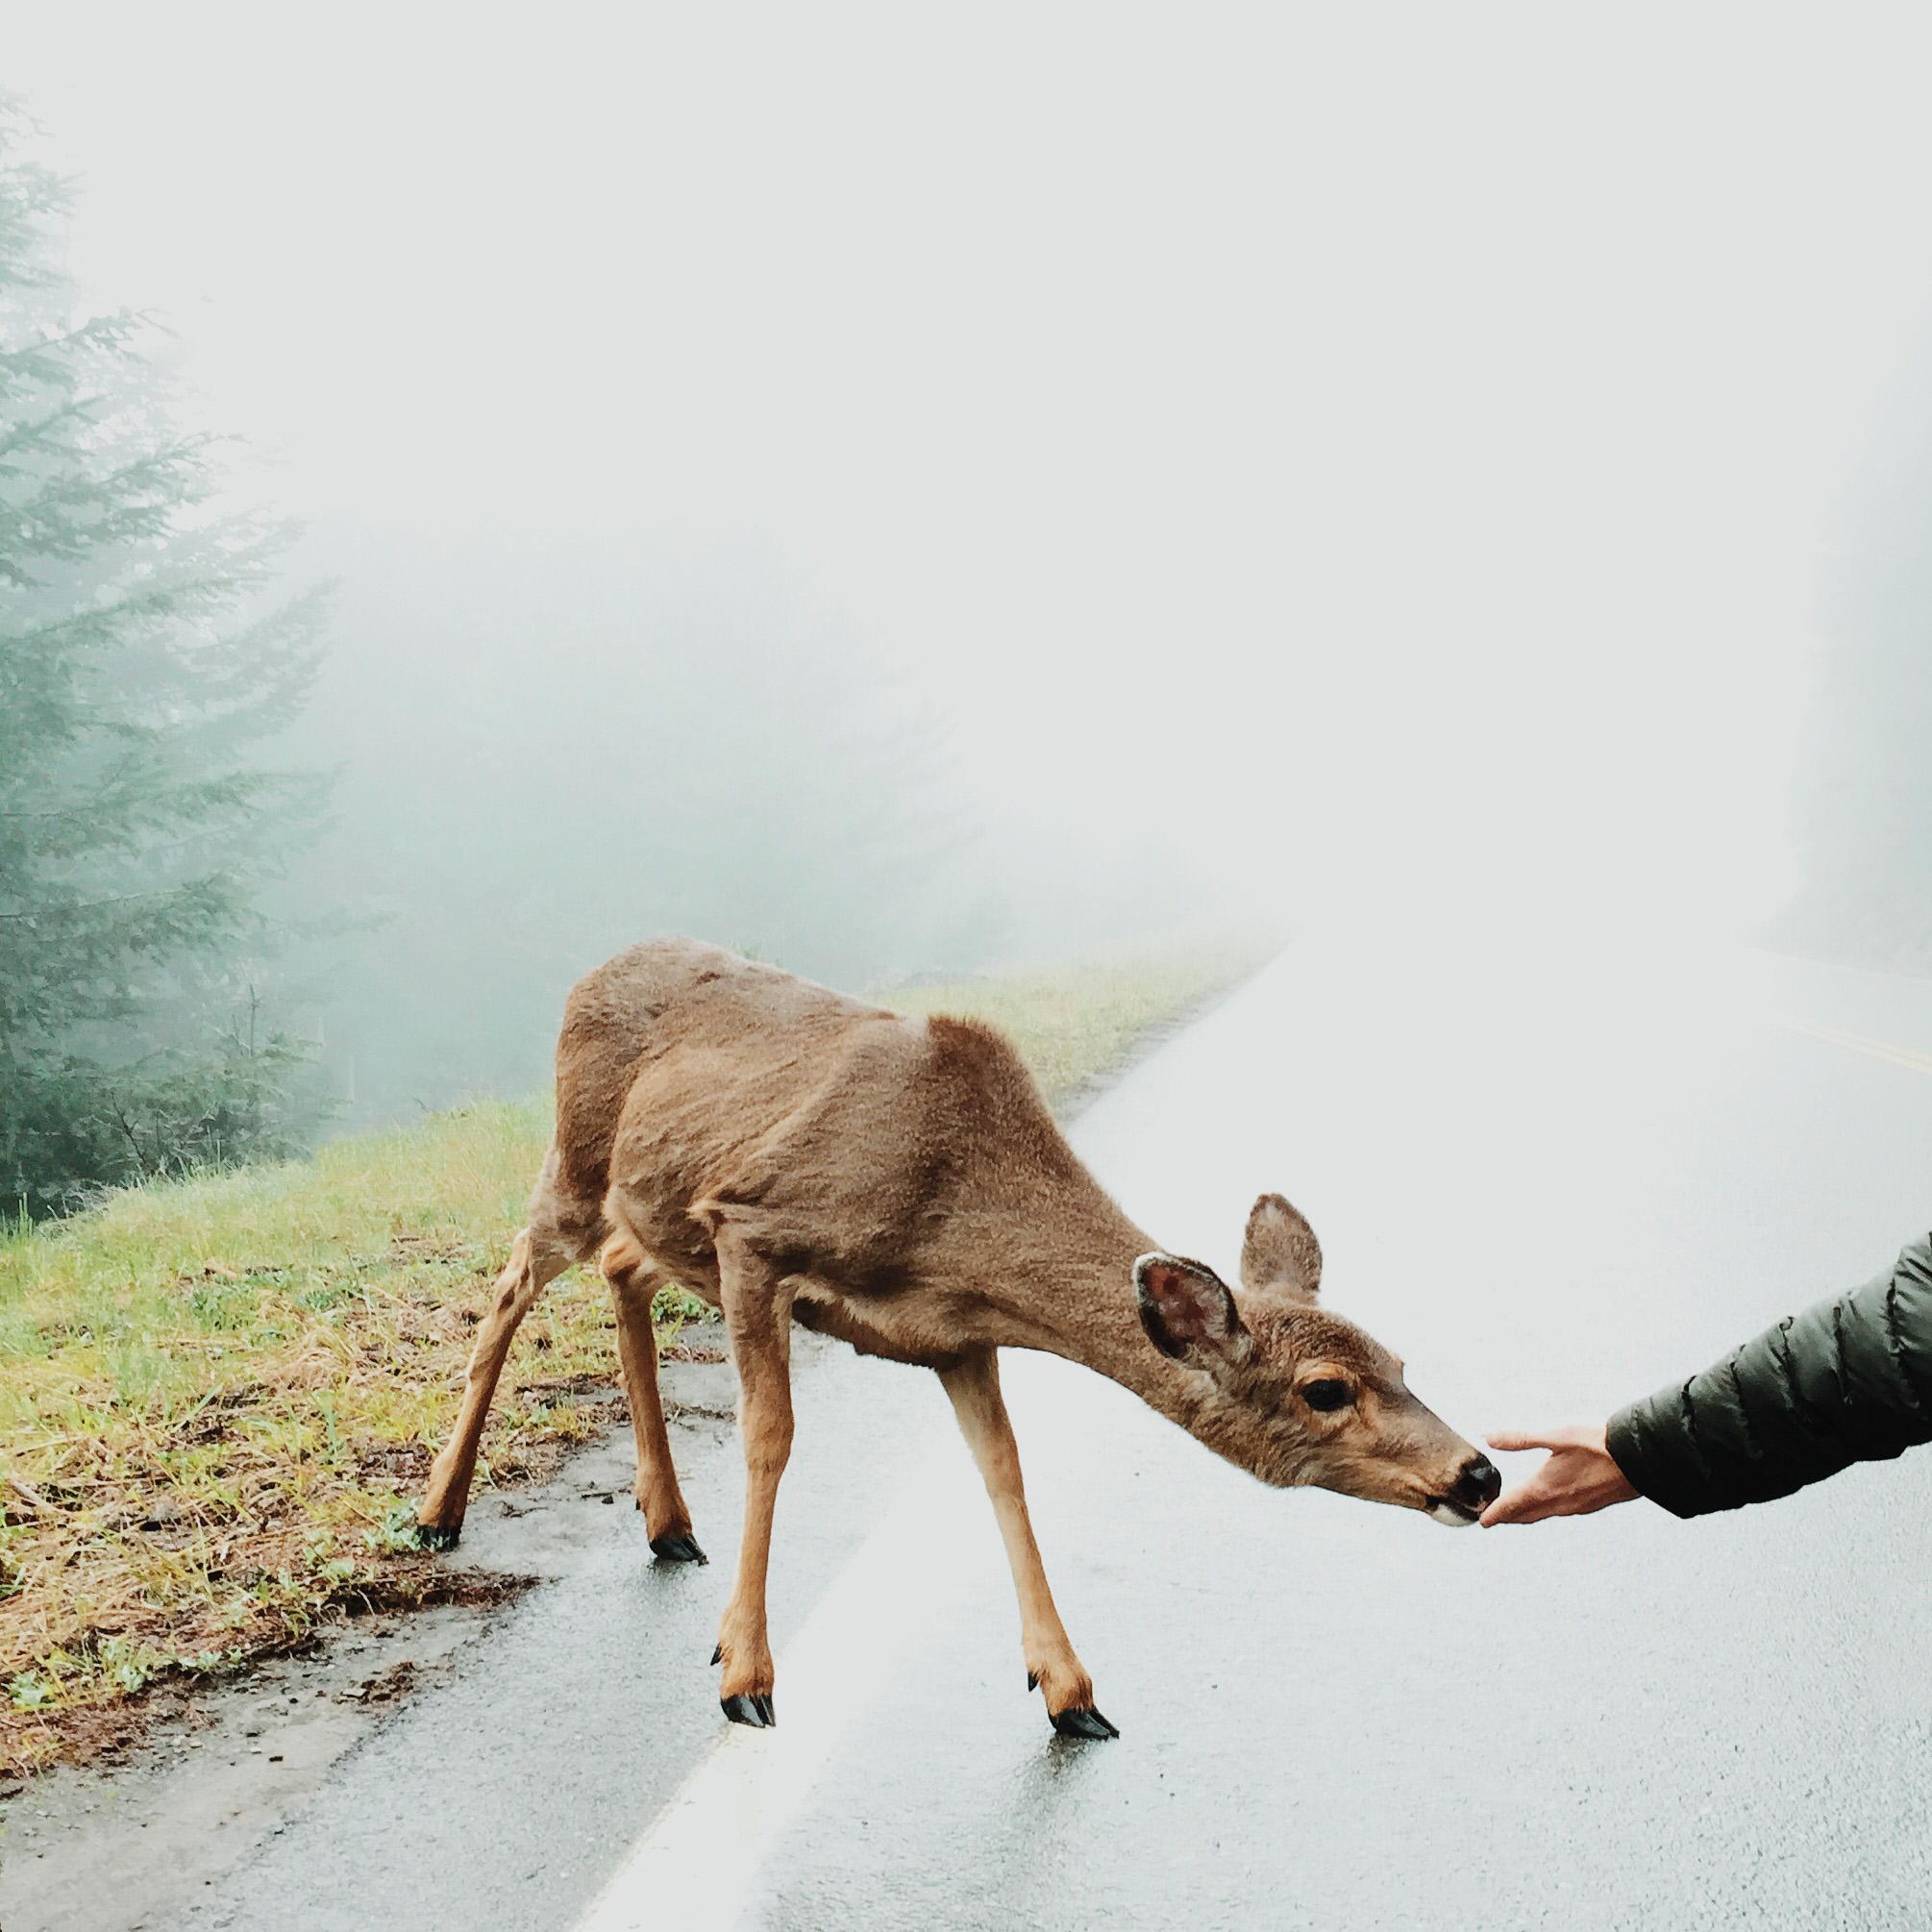 Outdoor adventure portrait of a deer | Katch Silva